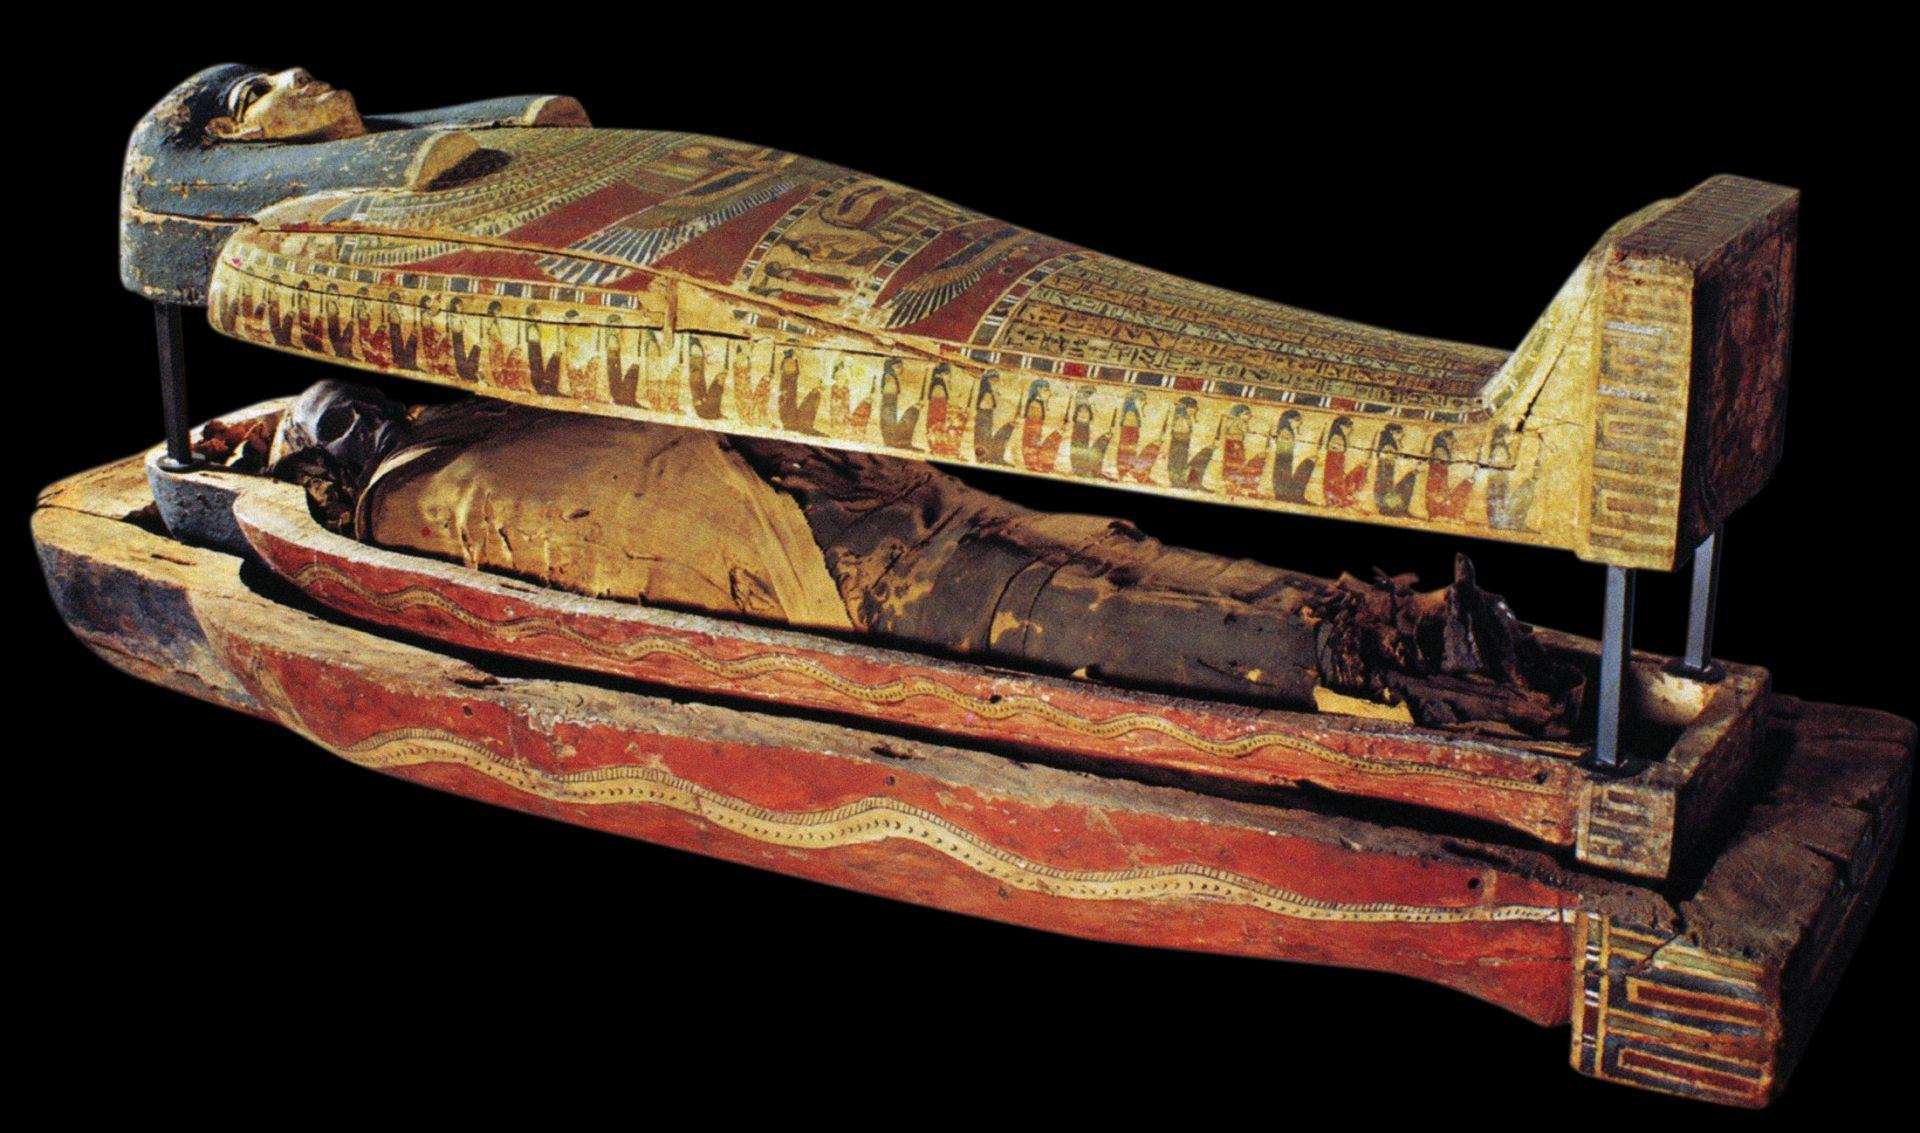 Mumie i en gammel egyptisk kiste